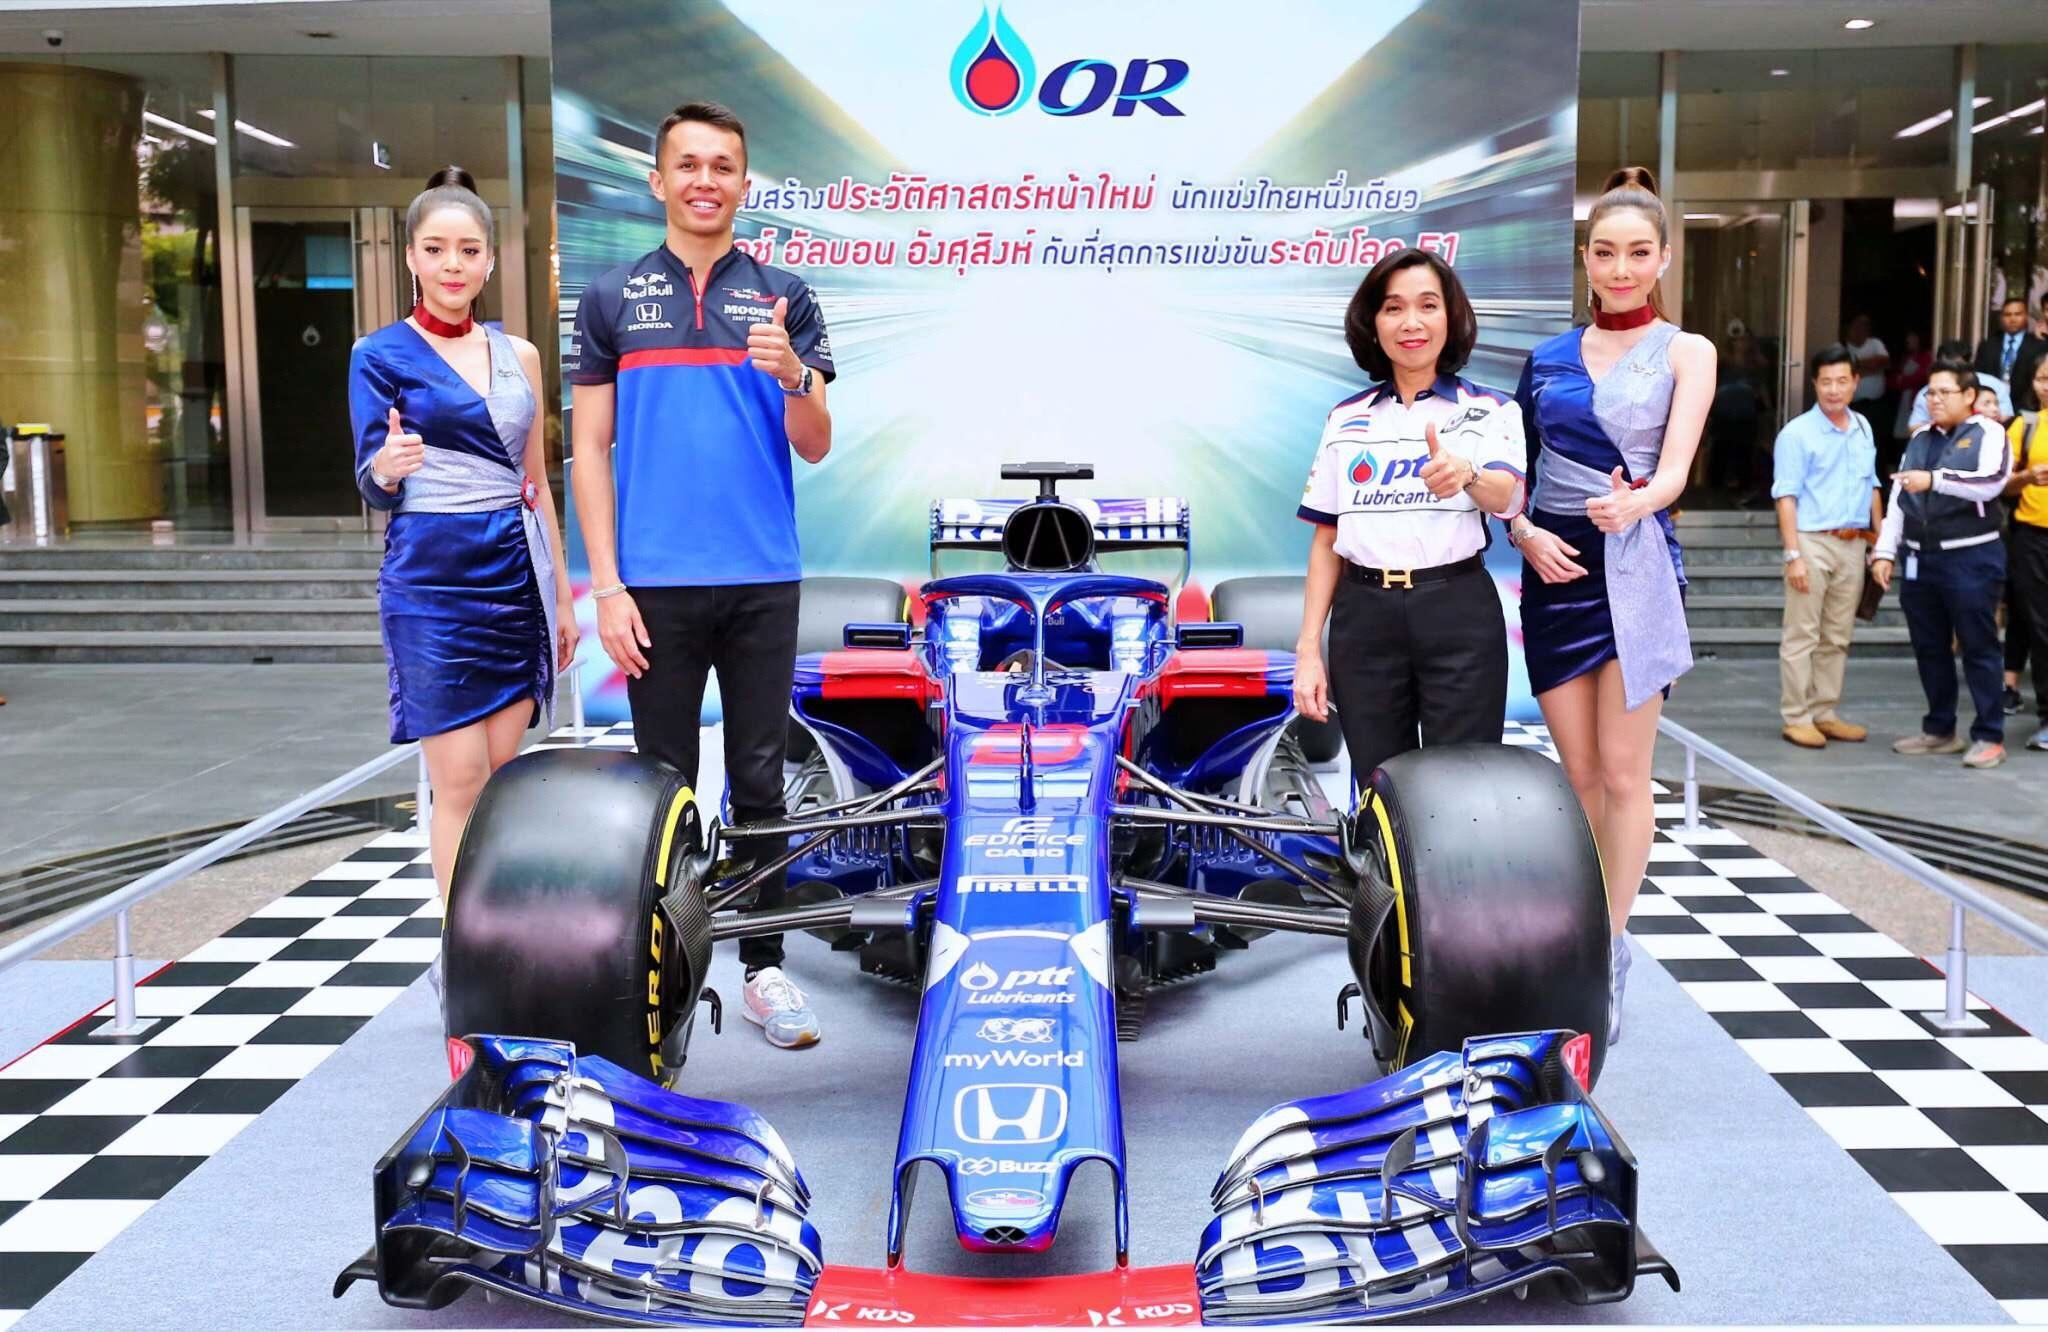 """โออาร์ หนุนนักแข่ง F1 สายเลือดไทย  """"อเล็กซ์ อัลบอน"""" ขับเคลื่อนพลังความภูมิใจเป็นไทย ให้ก้าวไกลไร้ขีดจำกัด"""